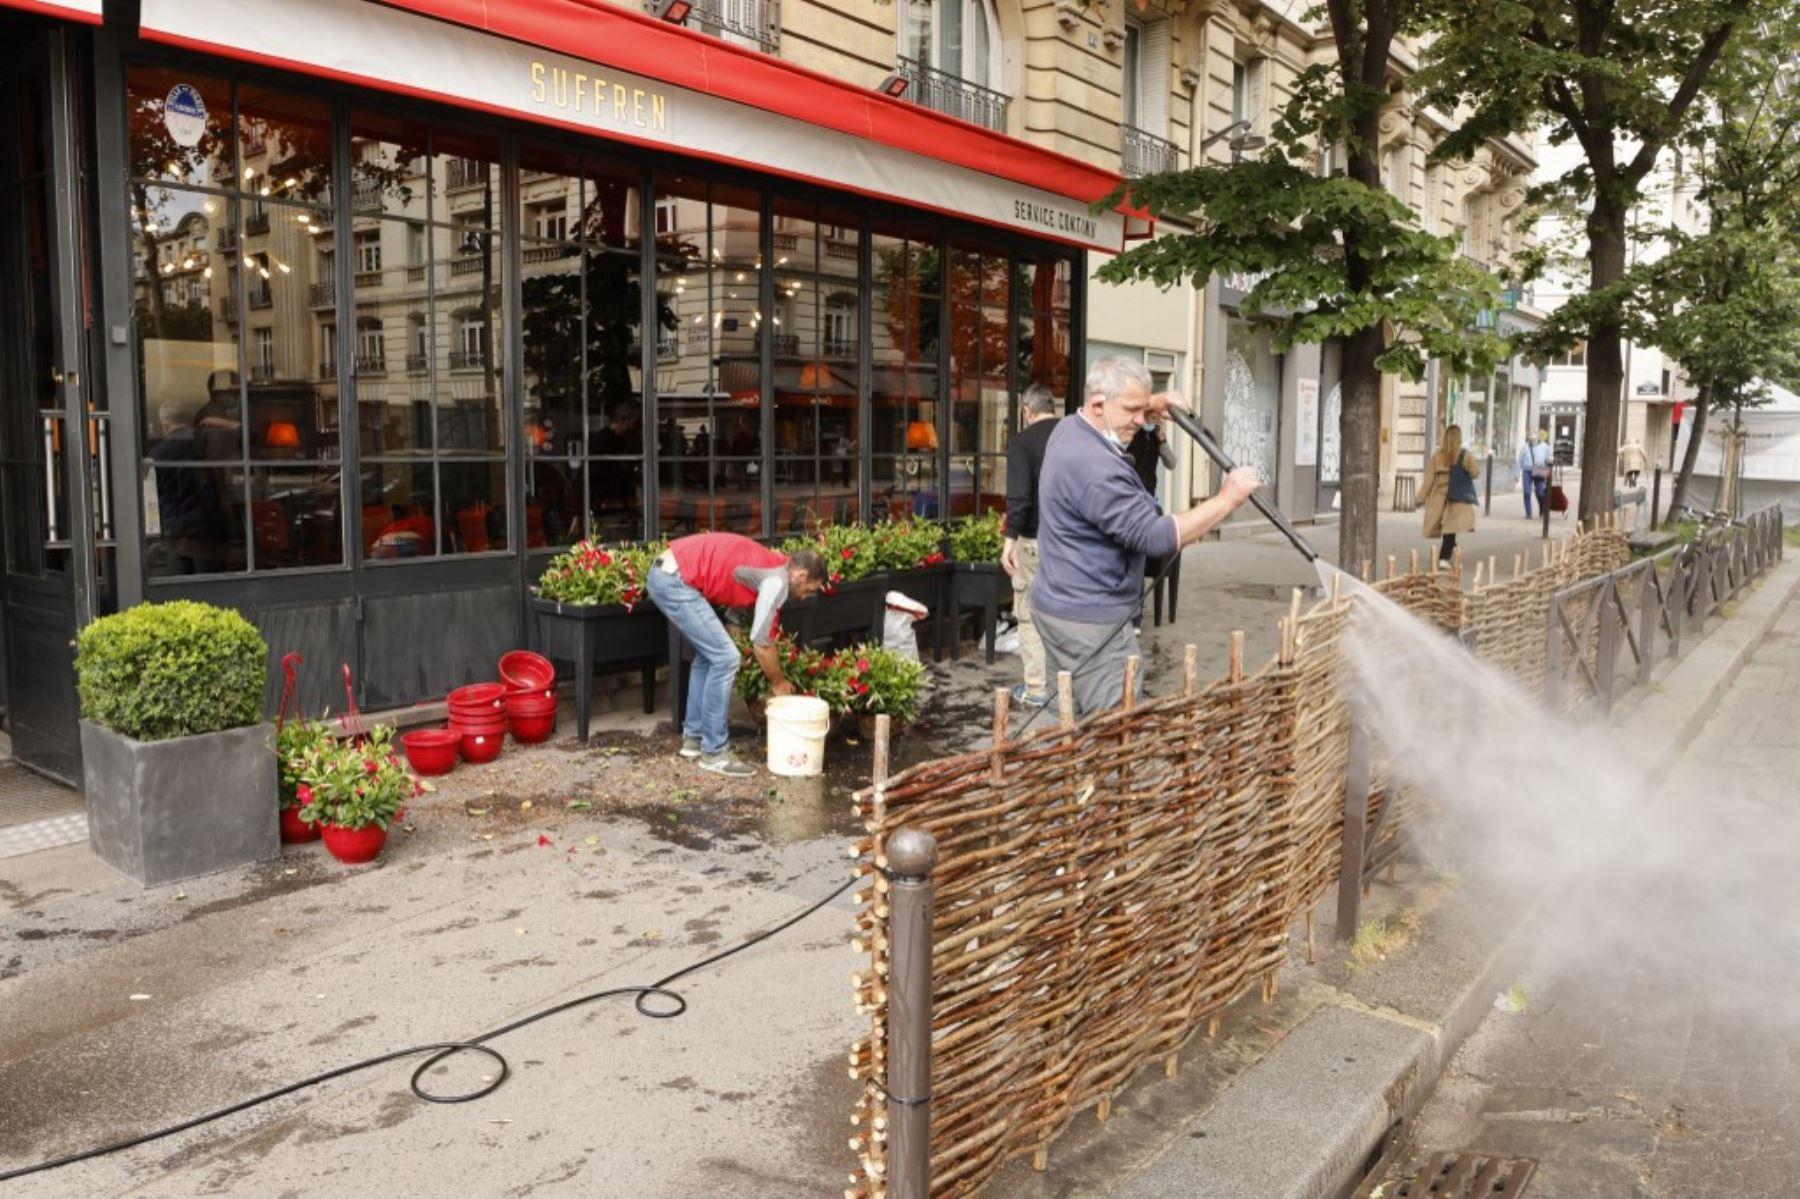 Los empleados están trabajando para instalar la terraza de un café el 17 de mayo de 2021 en París, dos días antes de la reapertura de bares y restaurantes en Francia, el último paso hacia el fin del tercer cierre nacional de Covid-19 en Francia. Foto: AFP